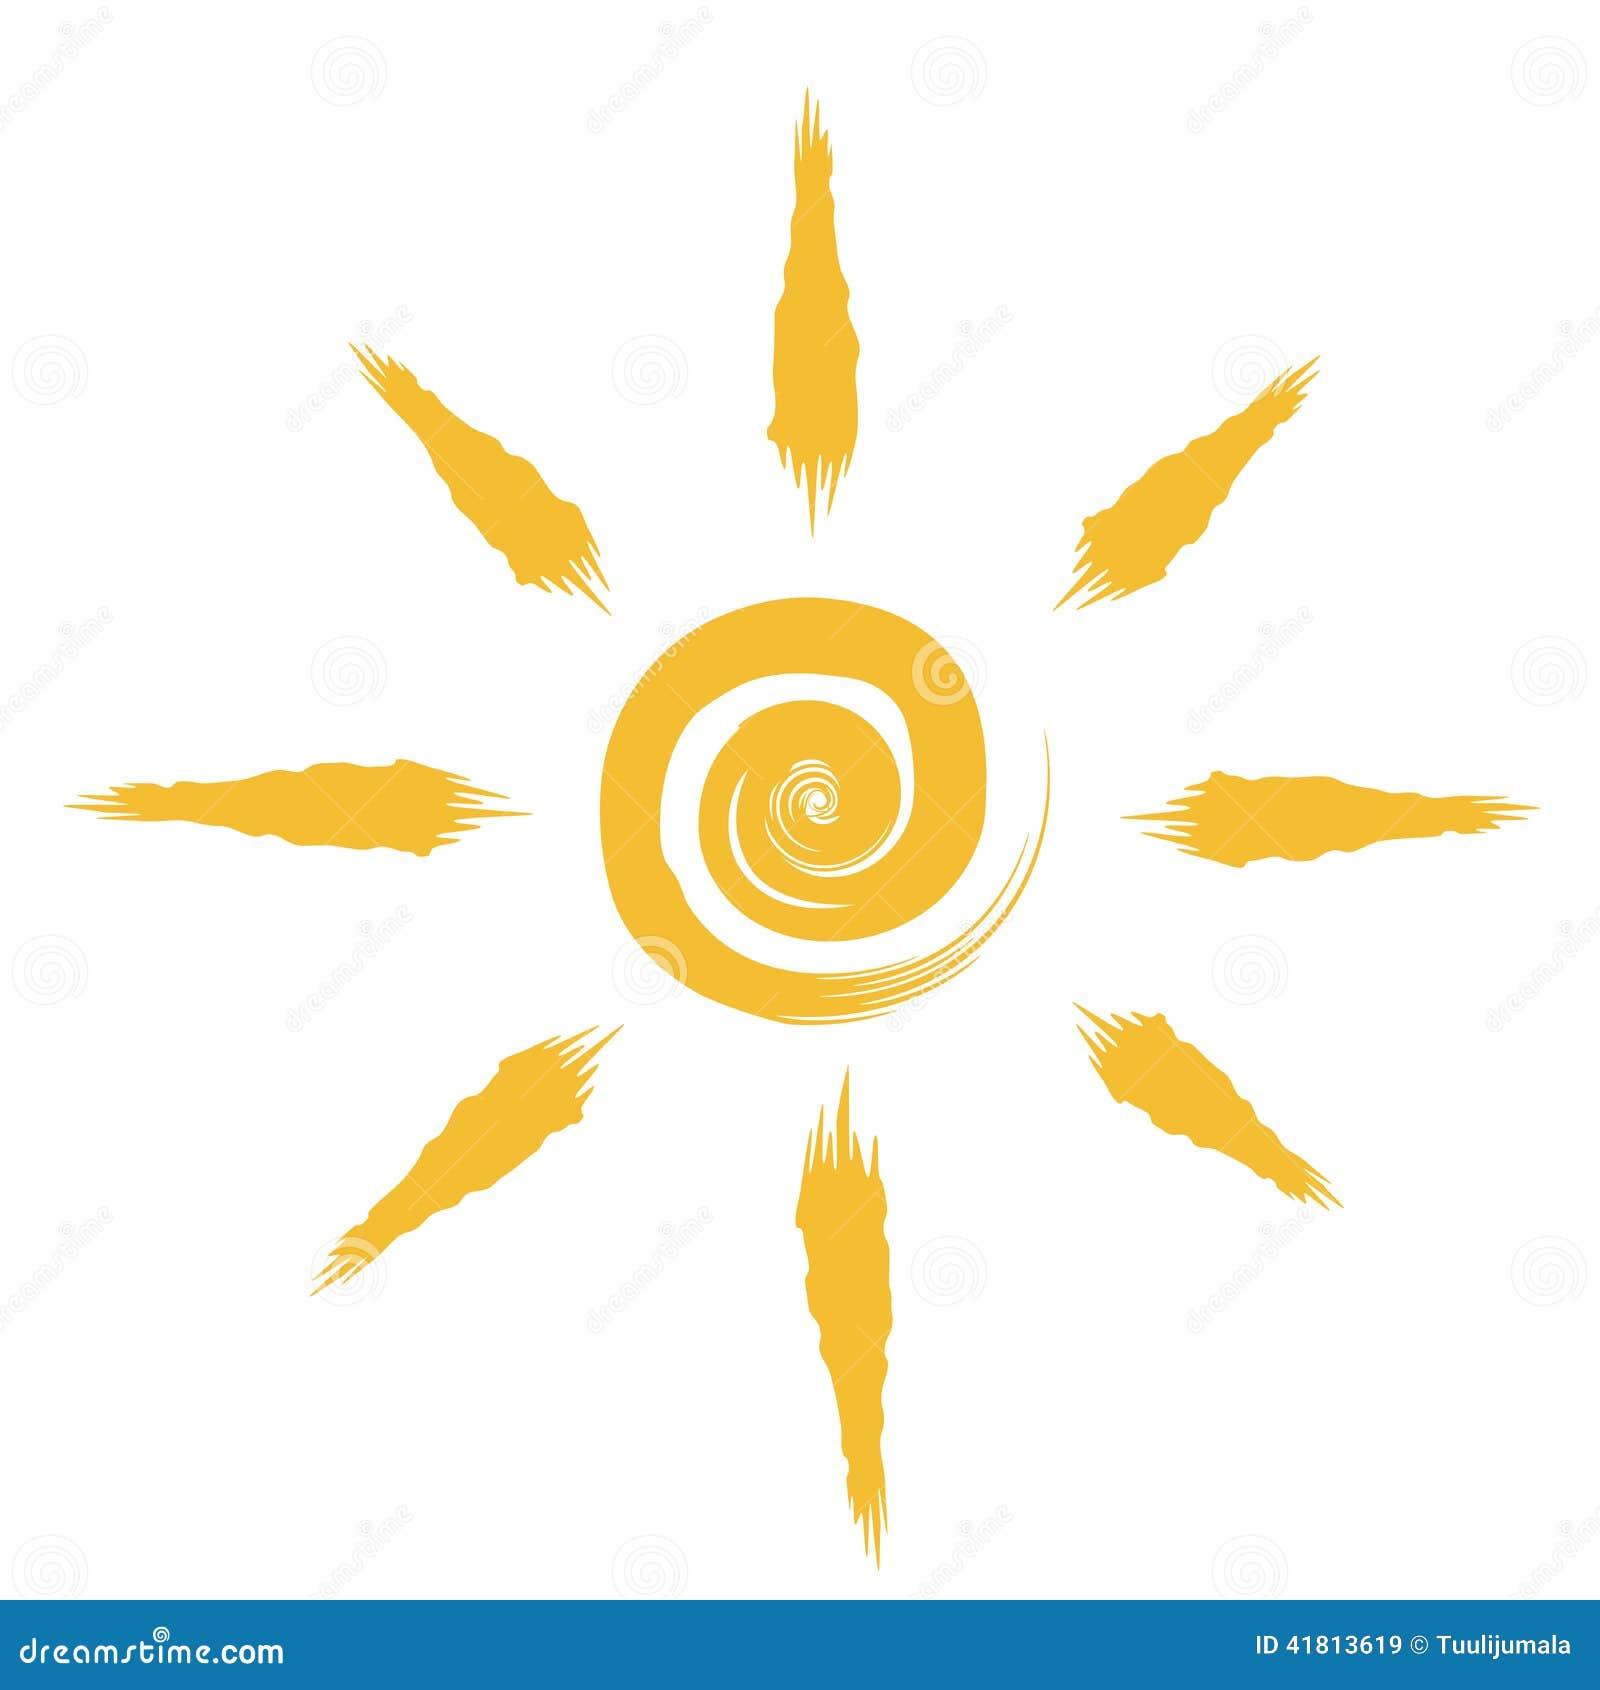 Dessin abstrait du soleil illustration de vecteur - Dessin du soleil ...